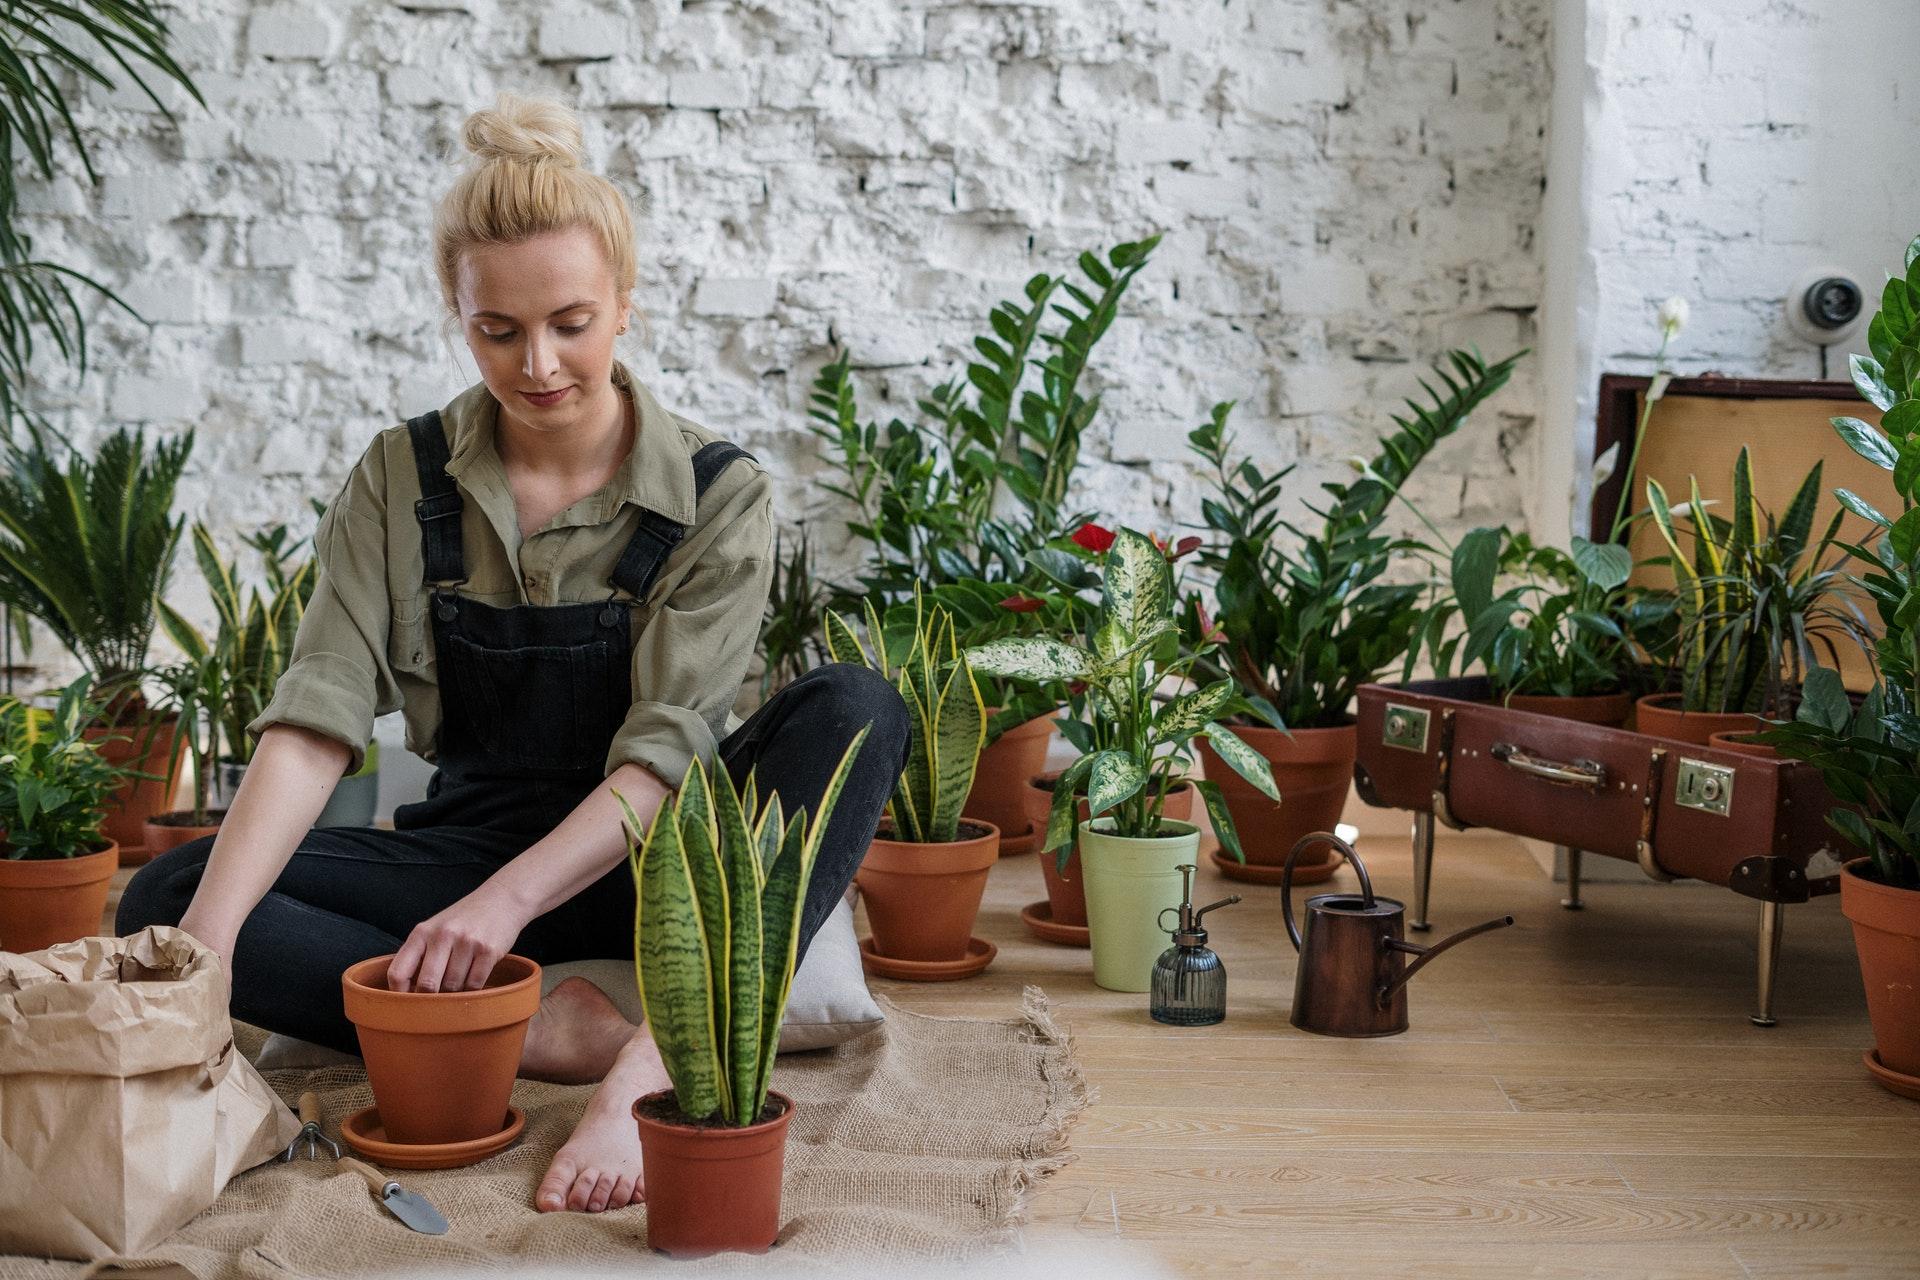 Curso jardinería gratis